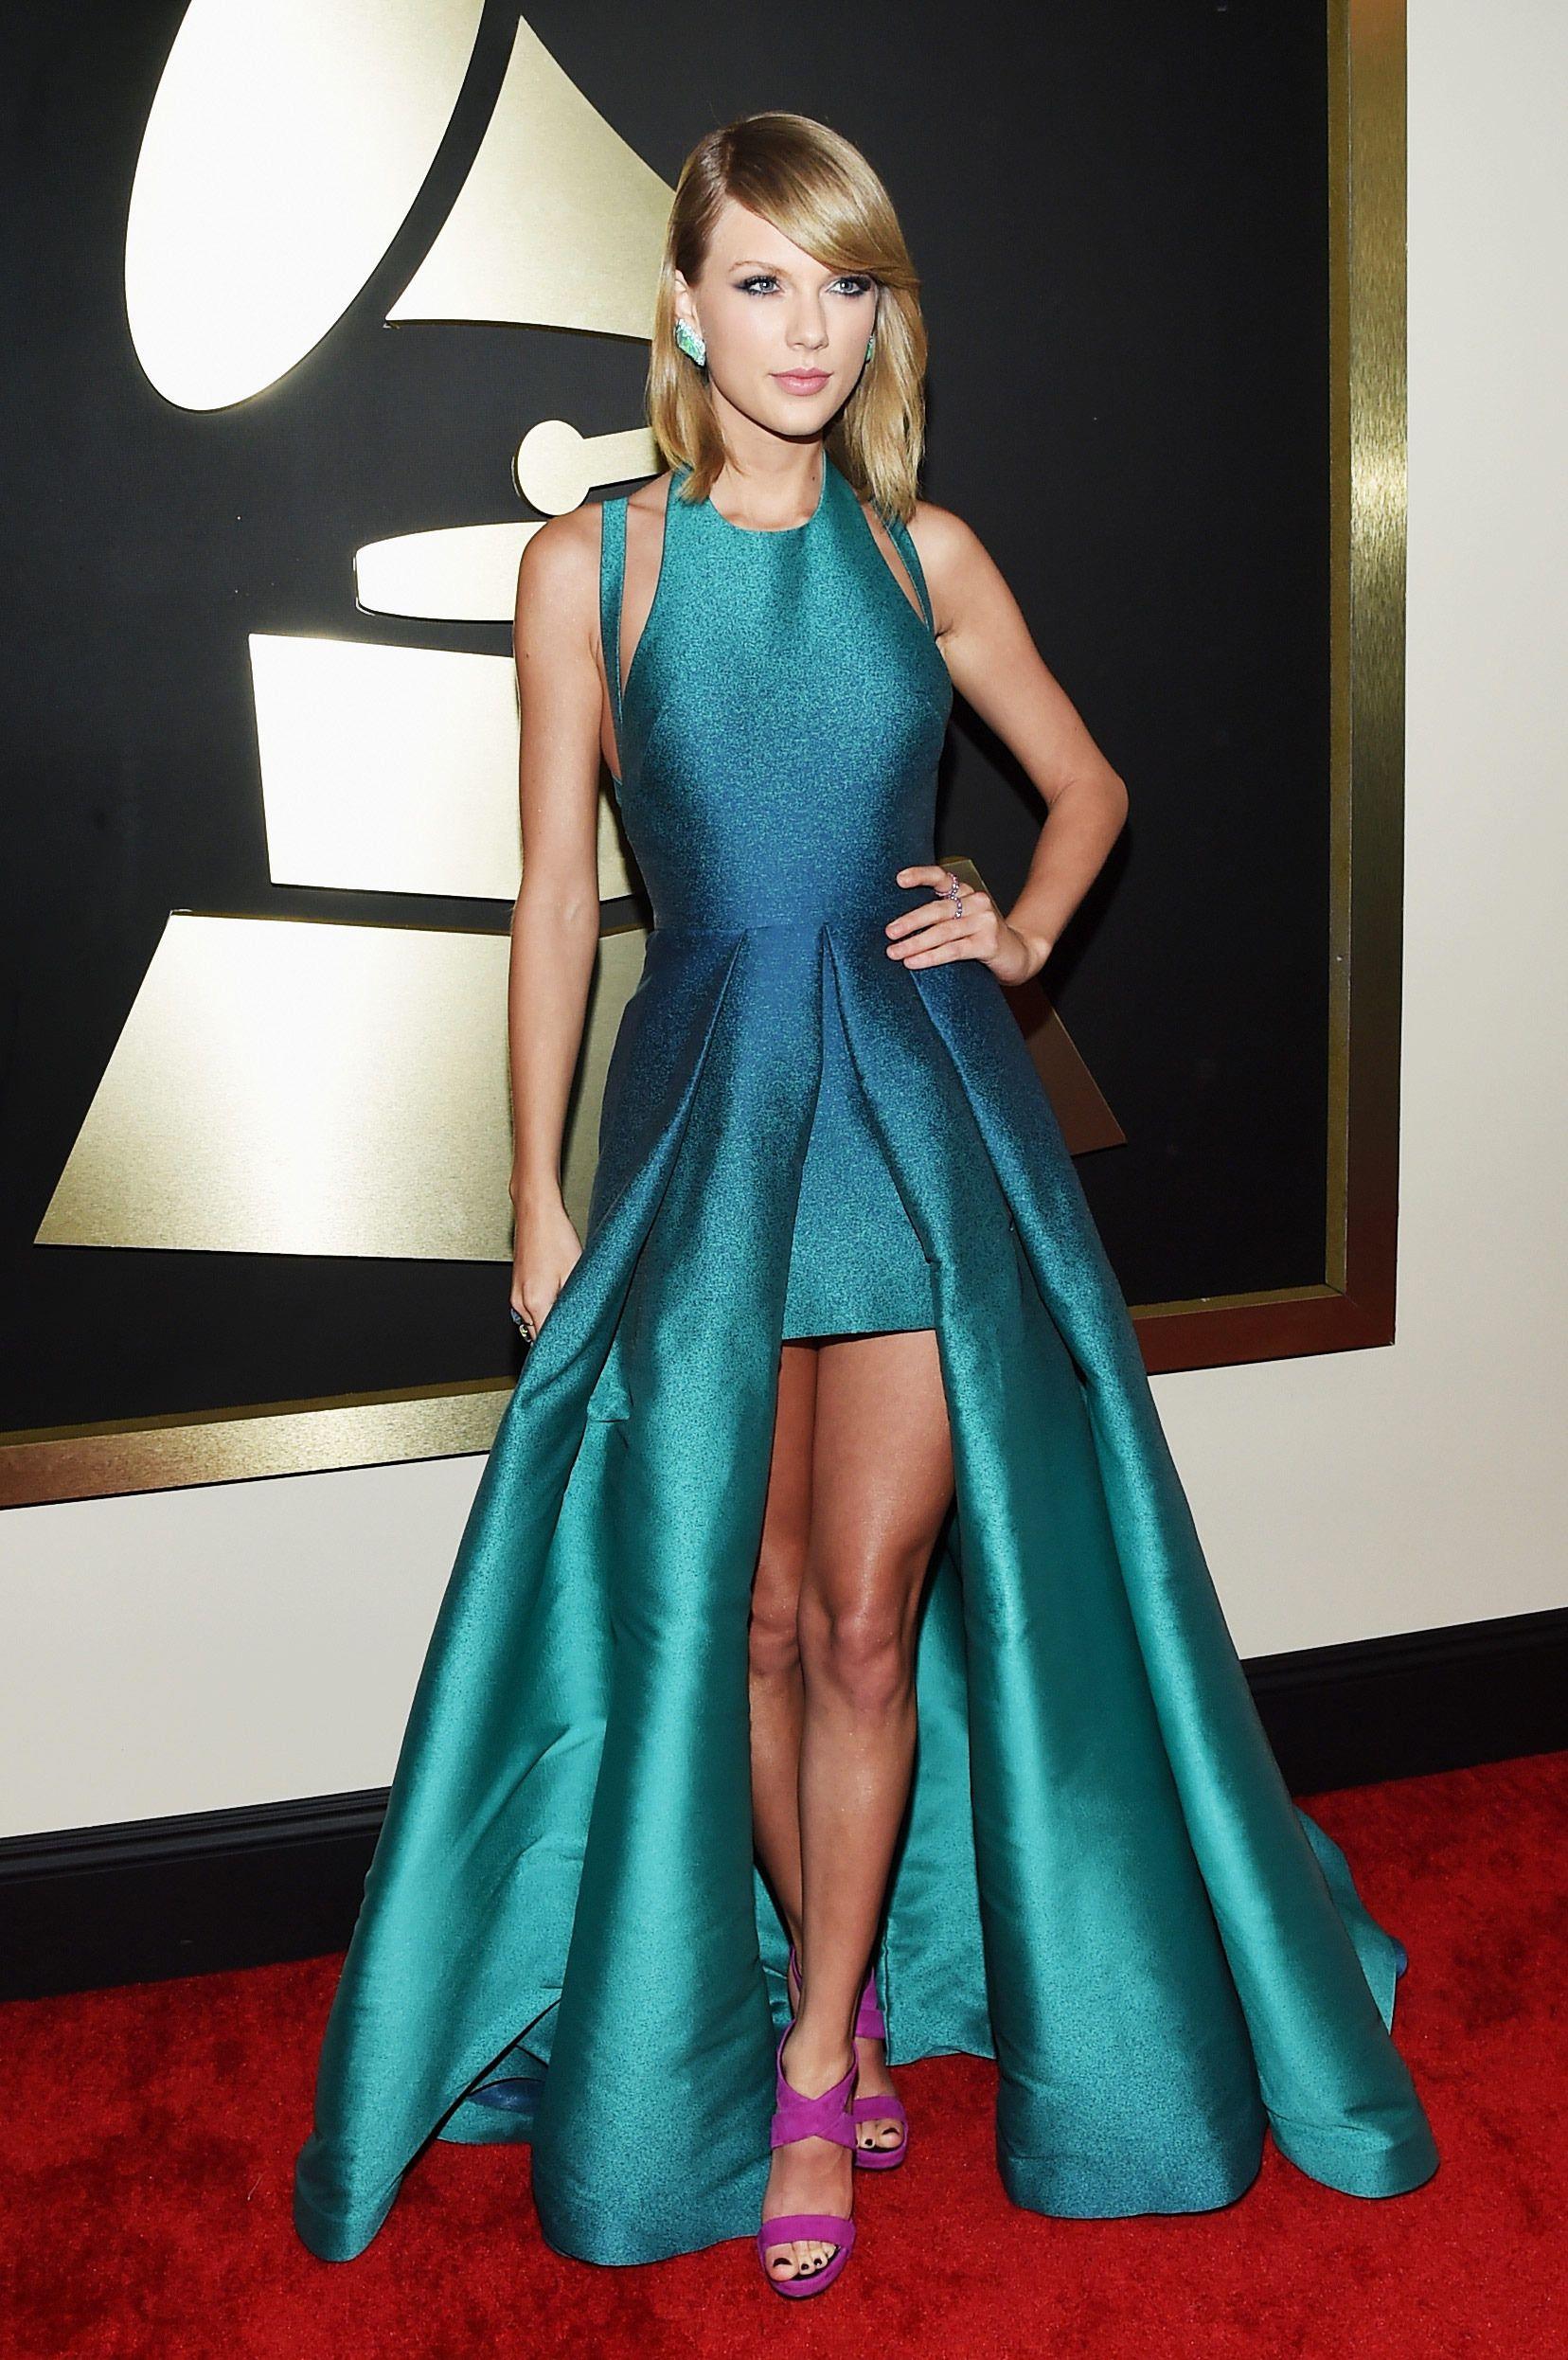 Most Minimal Mermaid Dress: Taylor Swift